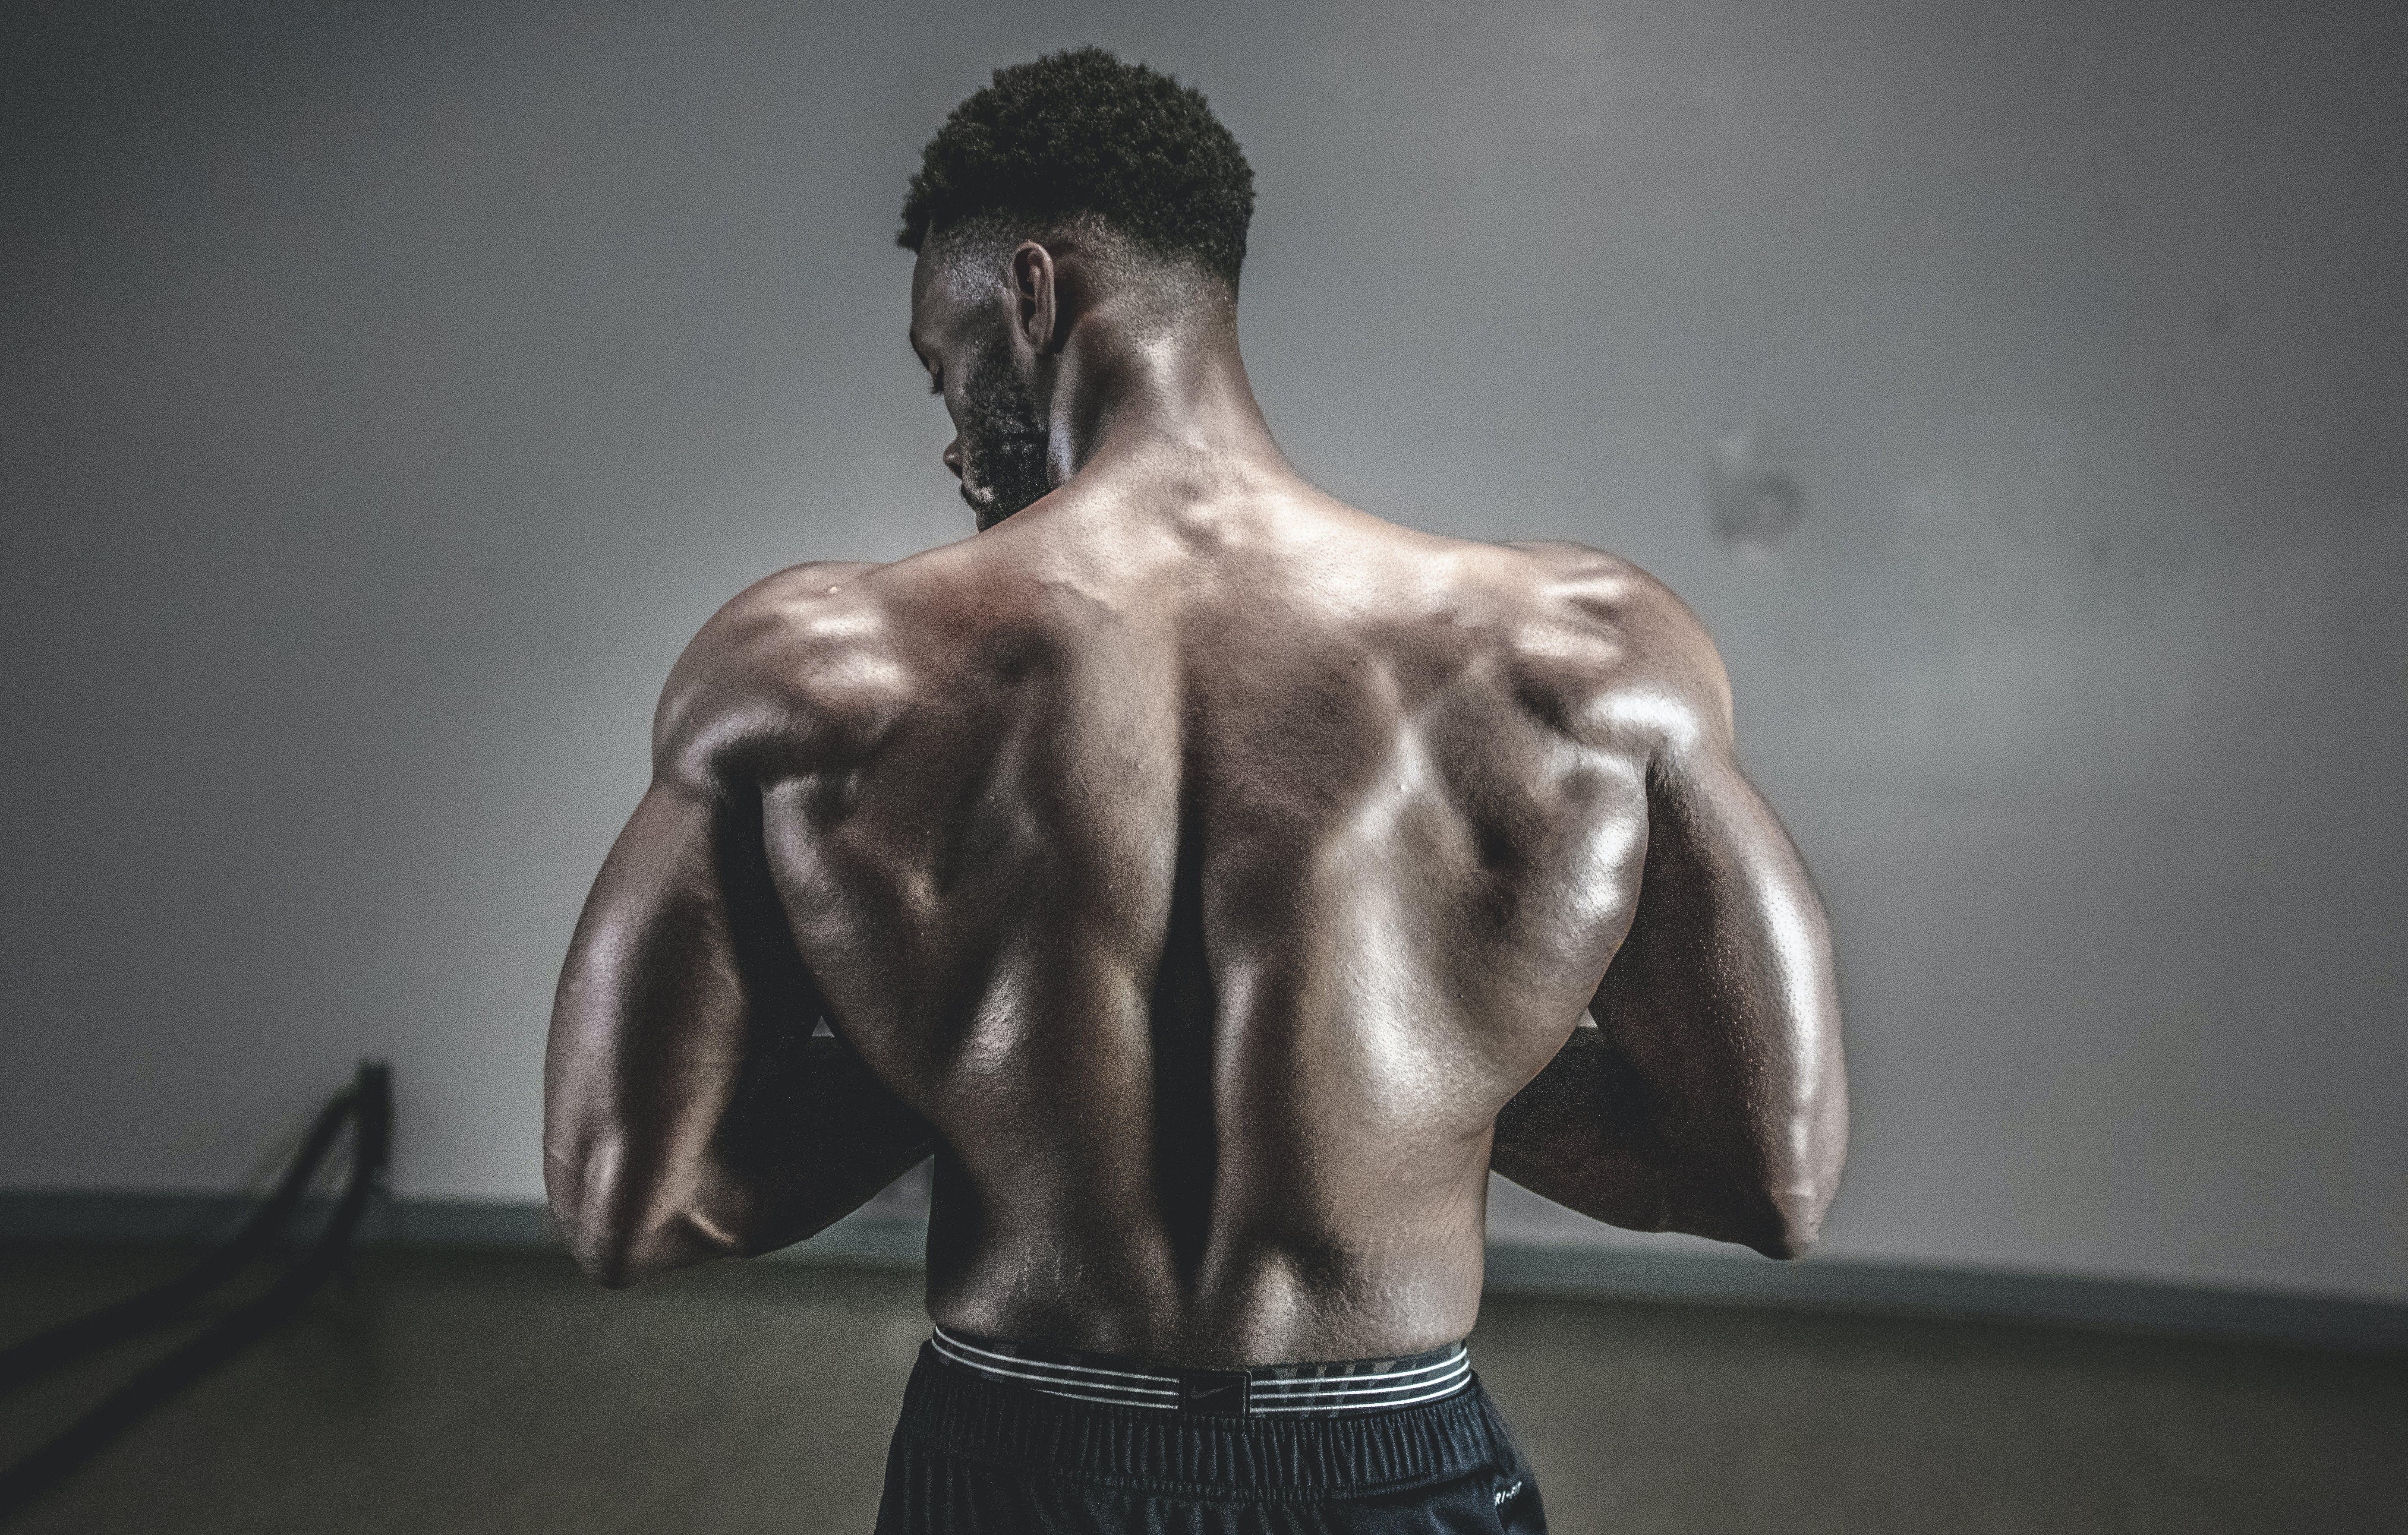 Kostnadsfri bild av bar överkropp, fitness, kille, kropp